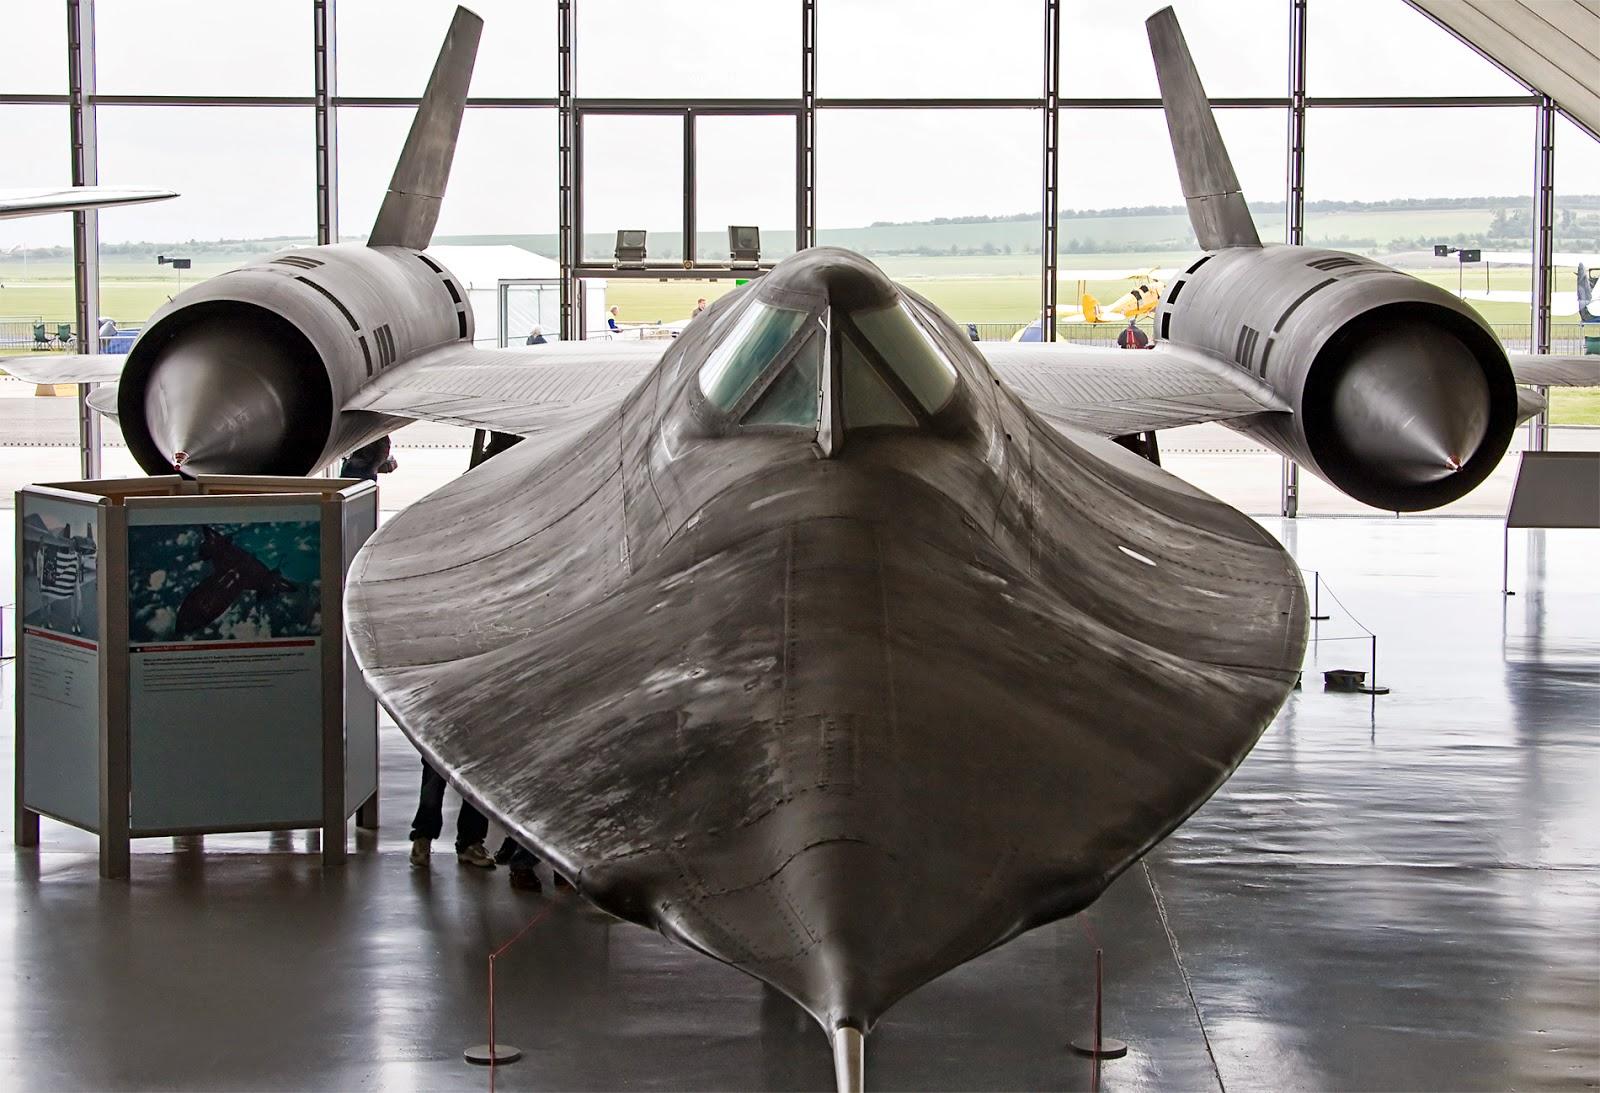 Avión SR71 fabricado en titanio